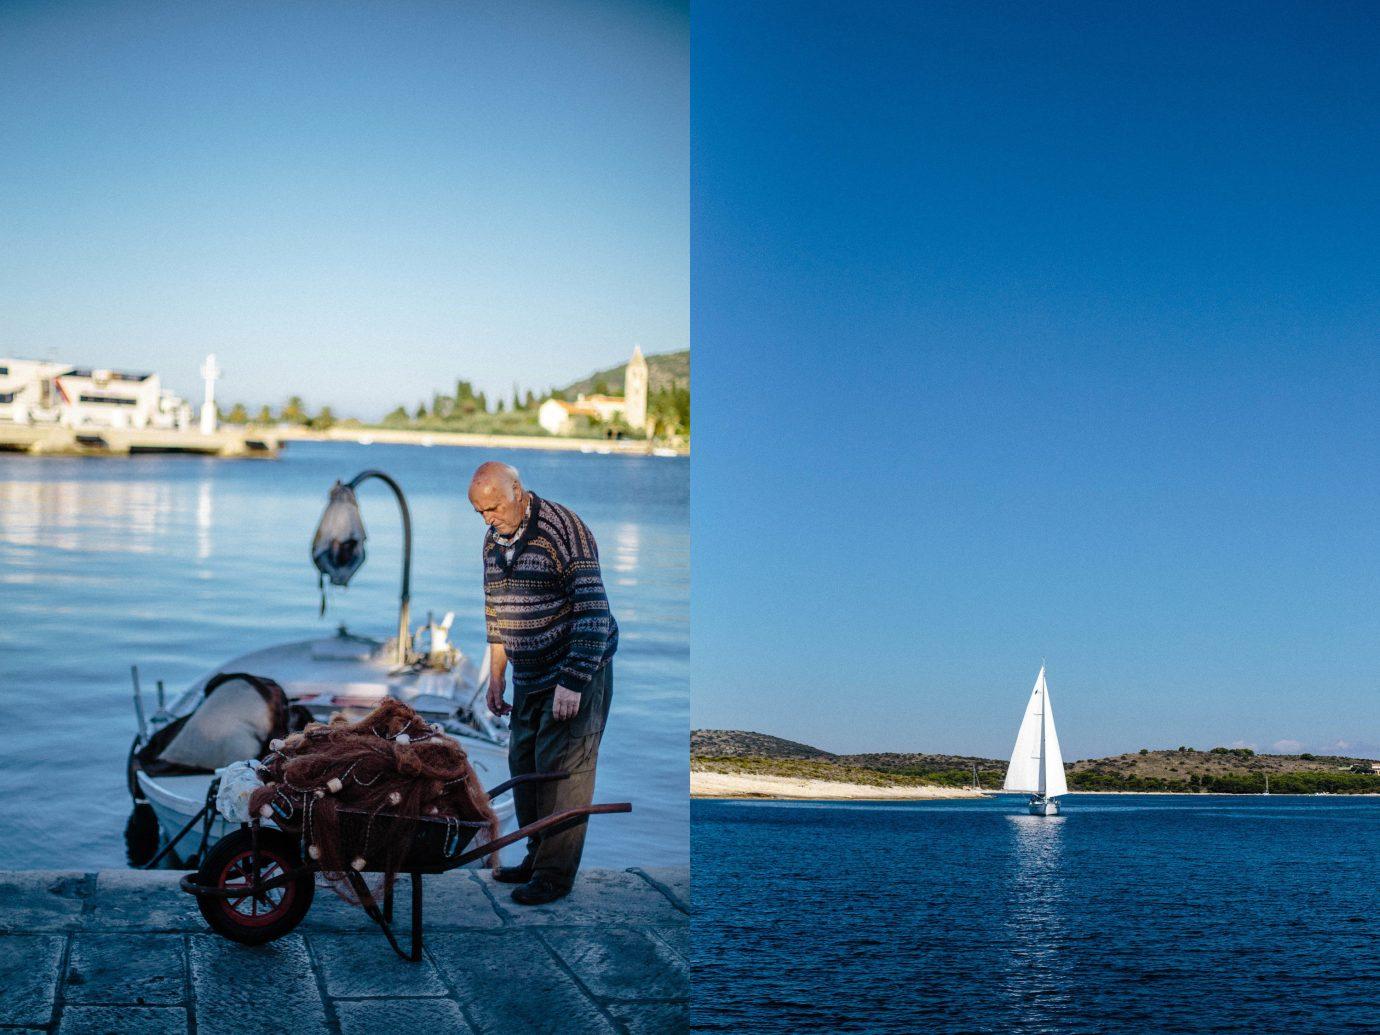 Travel Tips water sky outdoor Boat vehicle Sea vacation sailing sail Lake bay sailboat boating watercraft sailing vessel shore